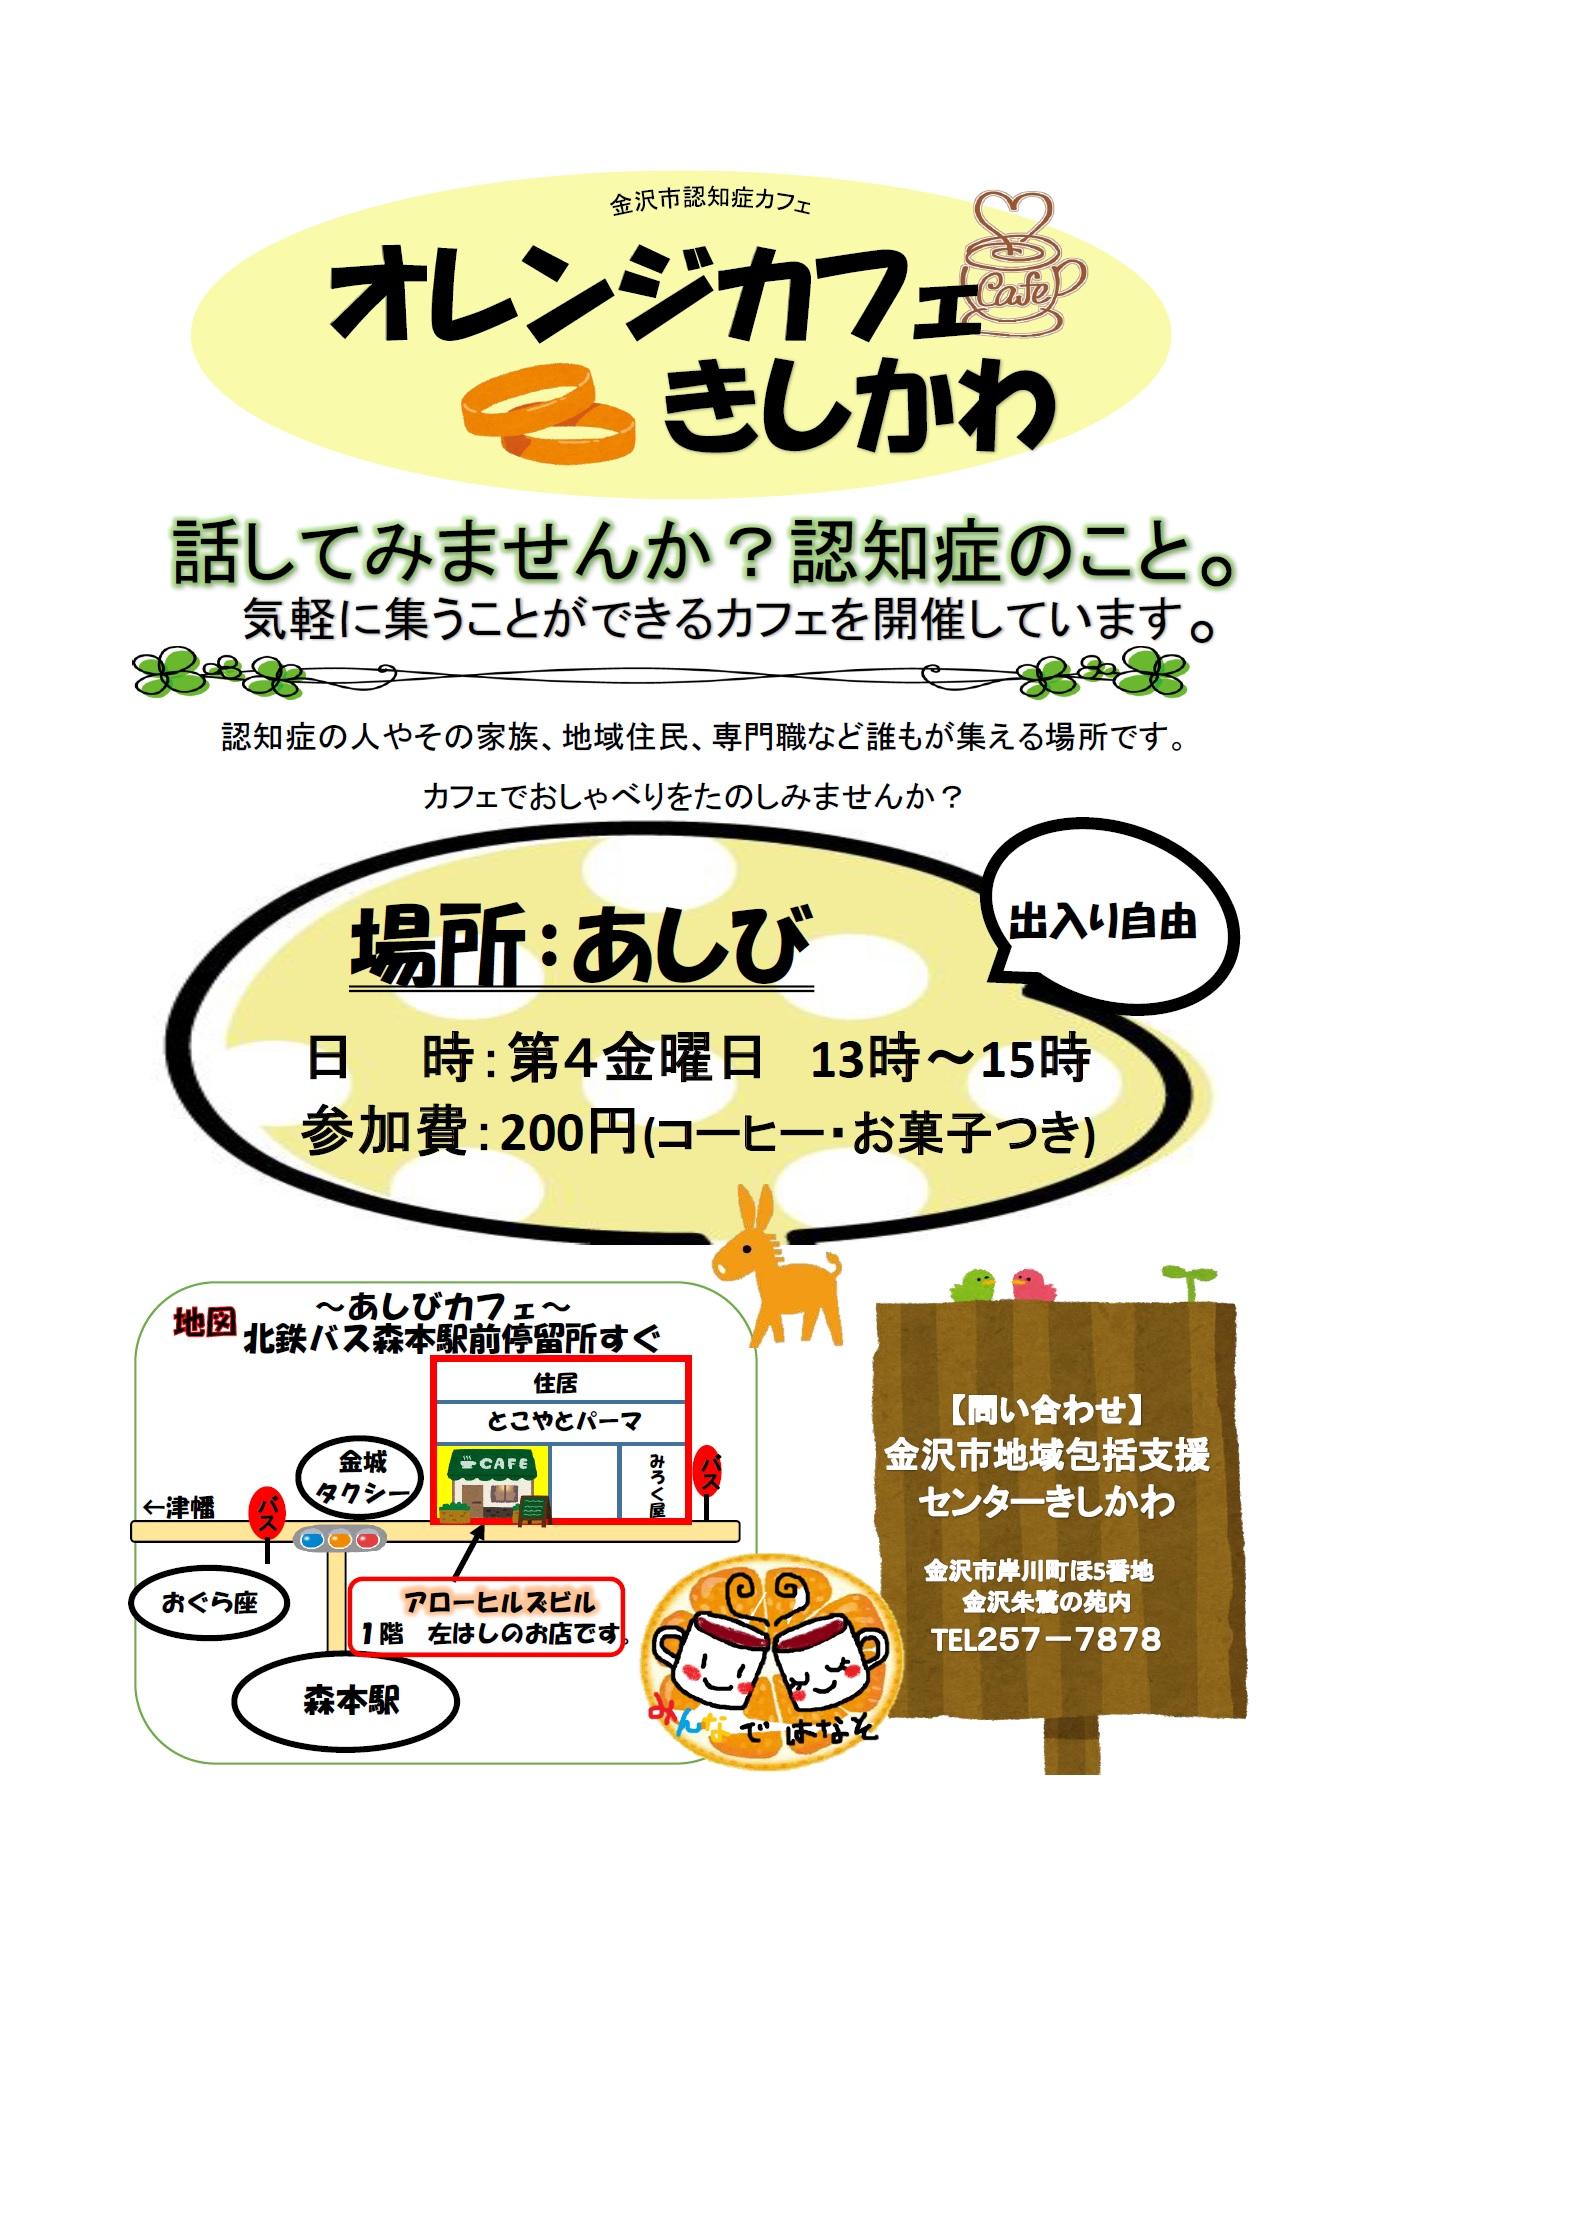 180928 オレンジカフェきしかわ(森本)